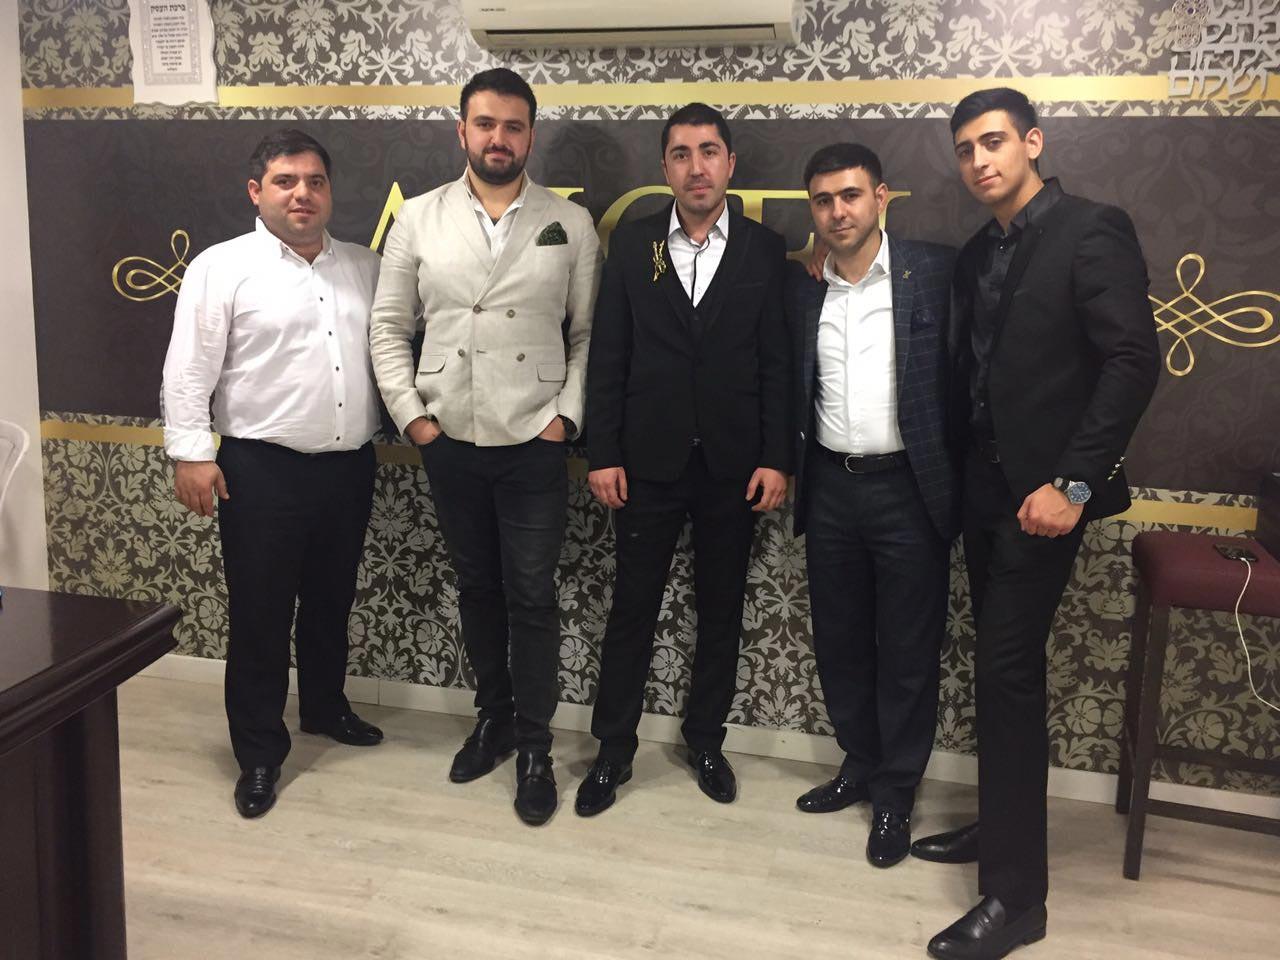 В Хадере и Ашкелоне Sergey выступал на одной сцене с популярными певцами Ближнего Востока, а также известным артистом из Москвы Аркадием Думикяном